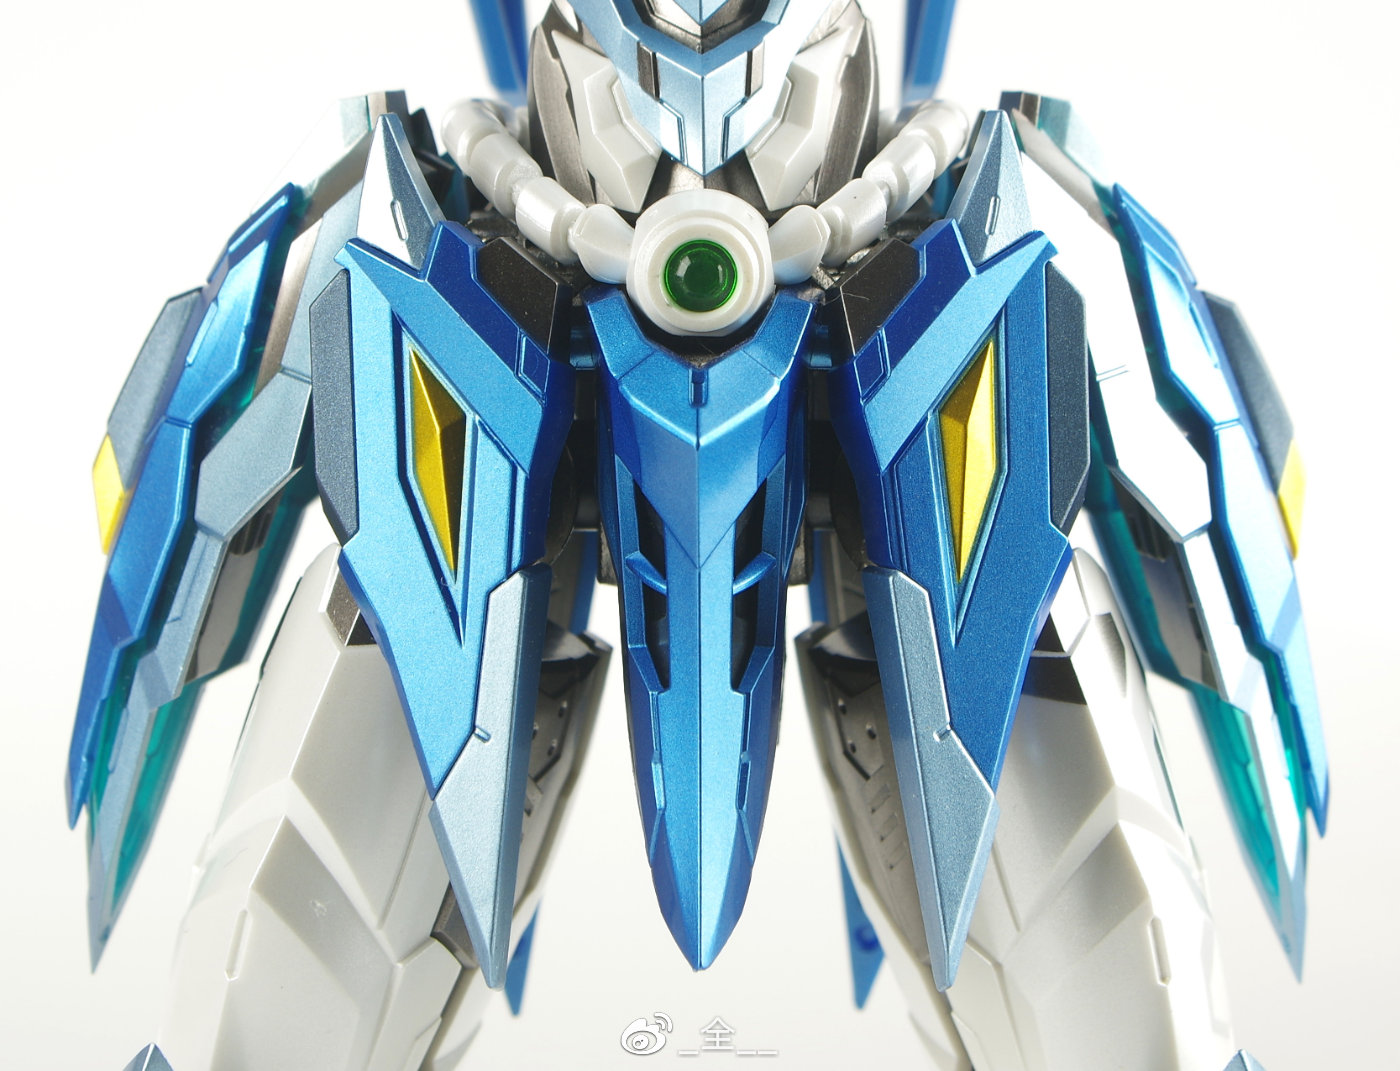 S470_MOTOR_NUCLEAR_MN_Q03_blue_gragon_ao_bing_di_hui_xing_han_long_zi_042.jpg